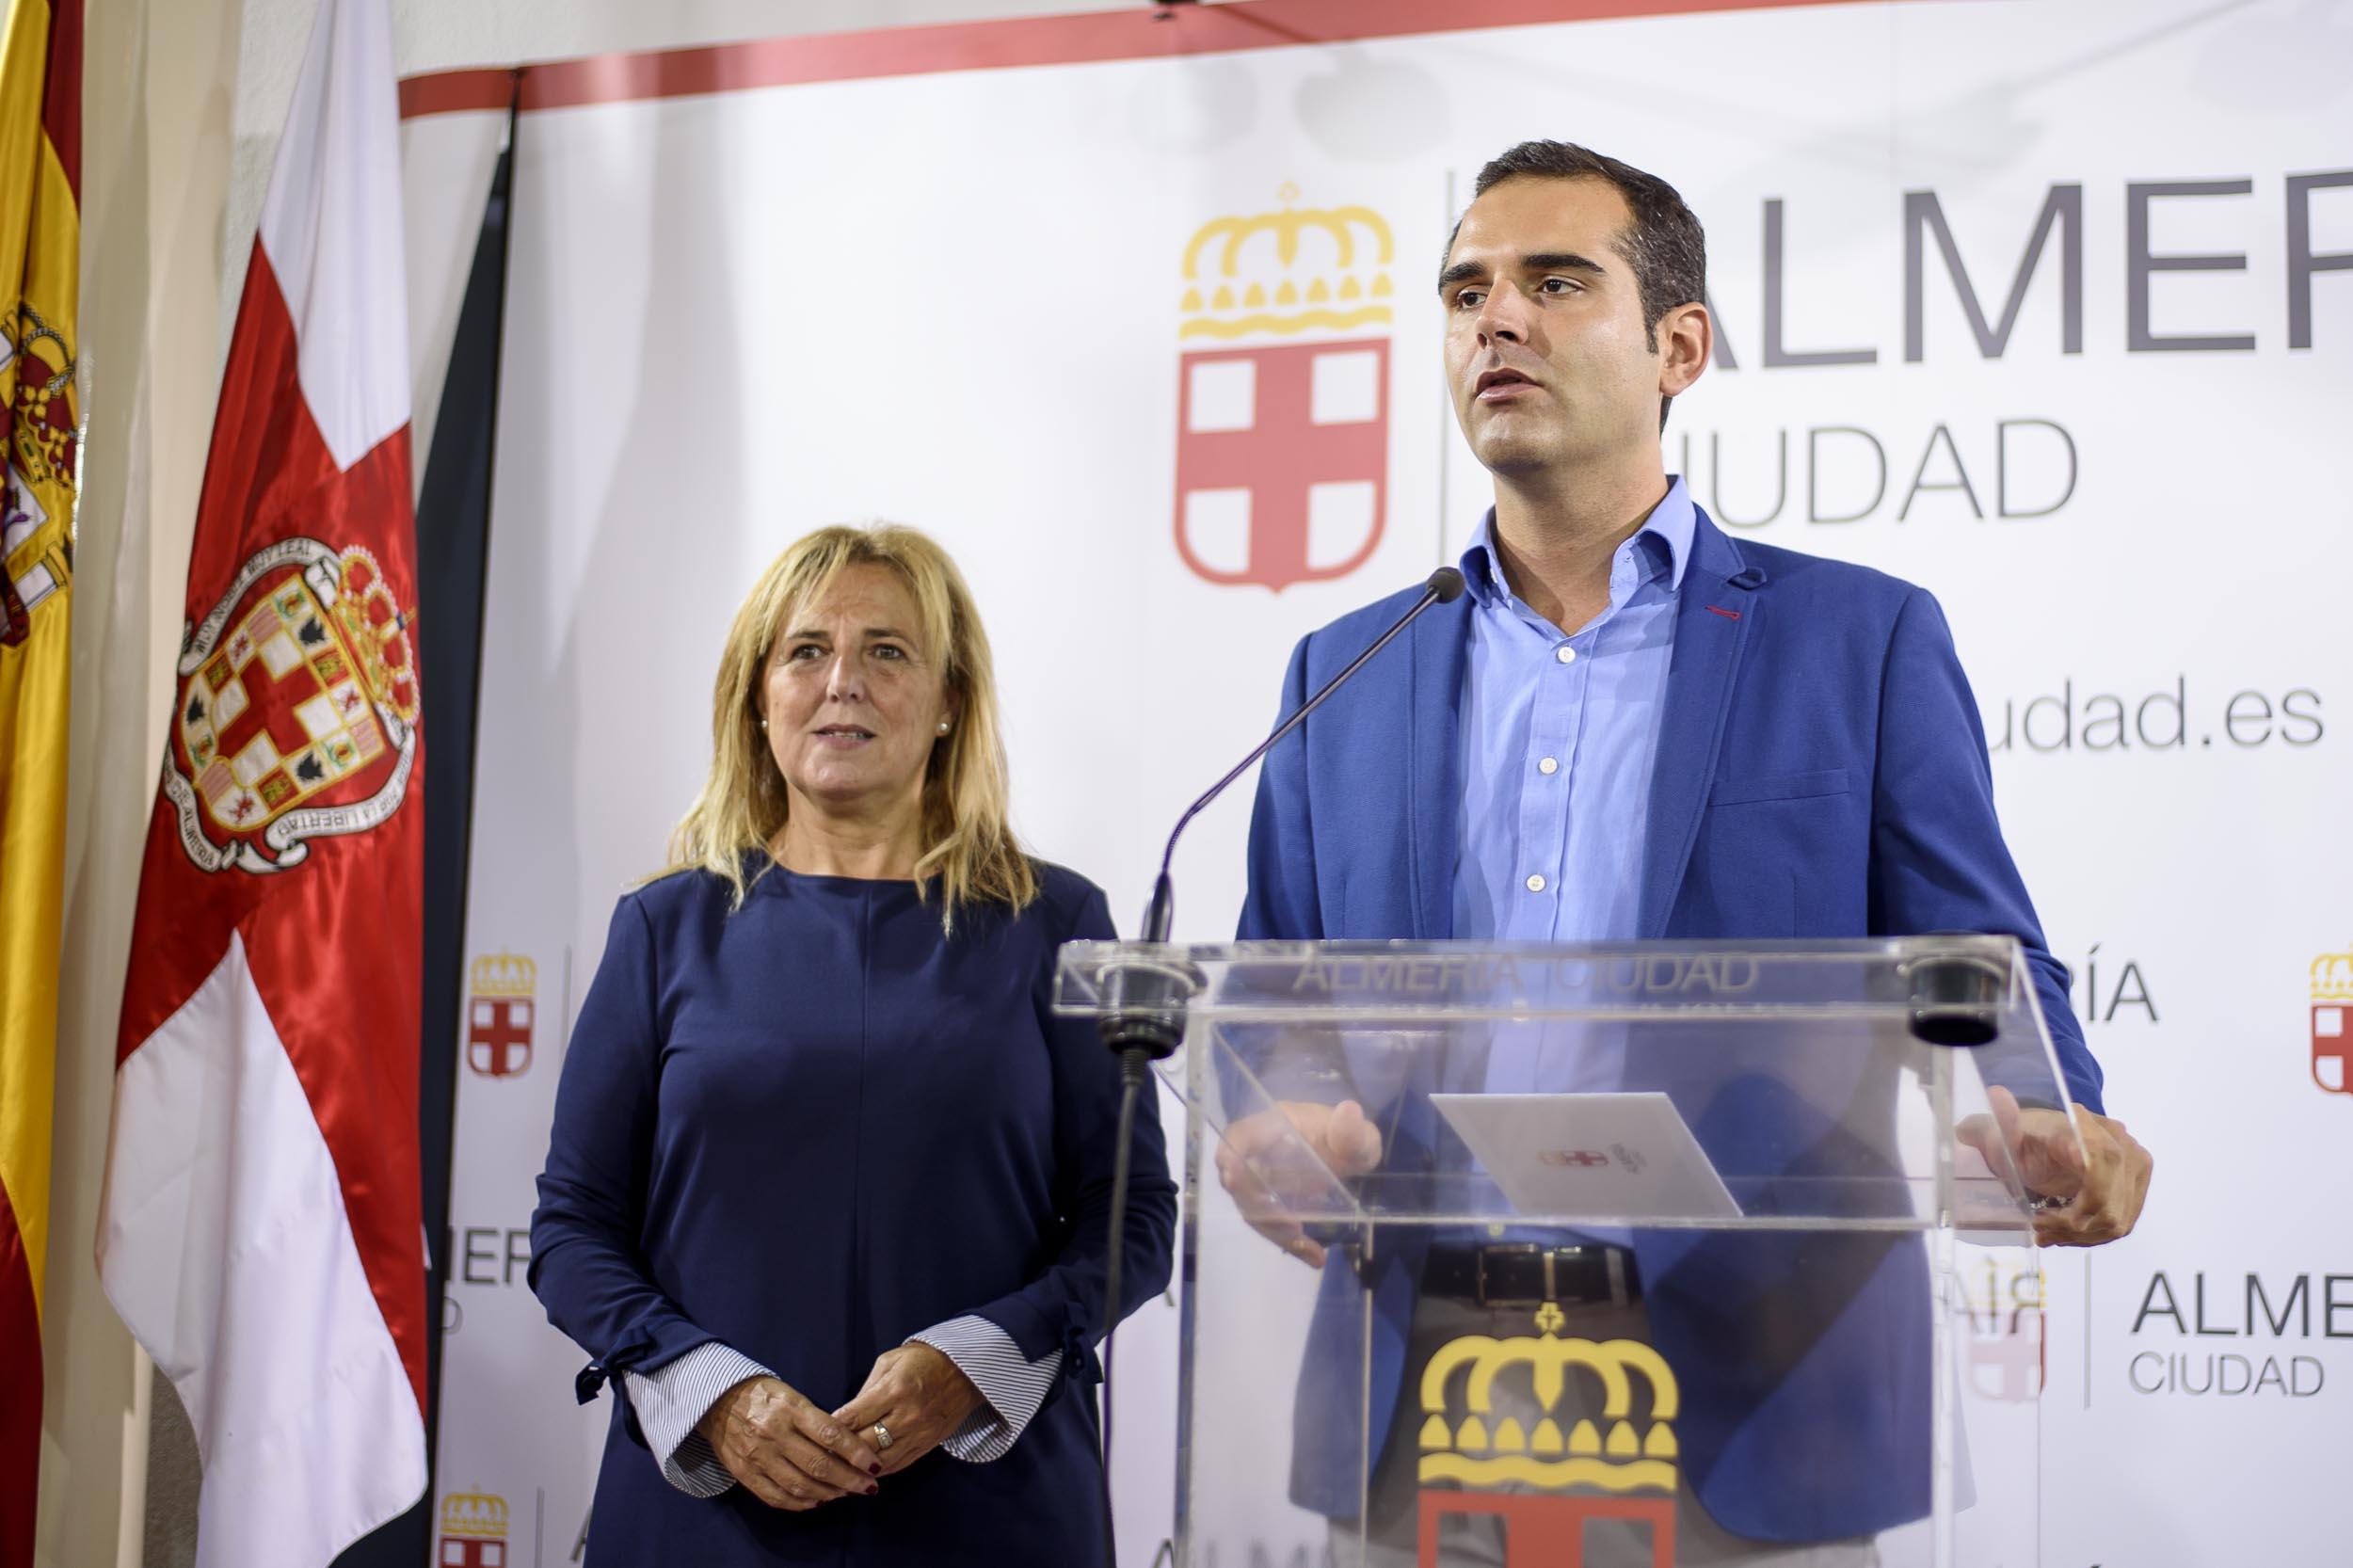 El programa 'Almería T-Forma' invertirá más de 800.000 euros en la formación e inserción laboral de 210 de jóvenes desempleados de 16 a 30 años